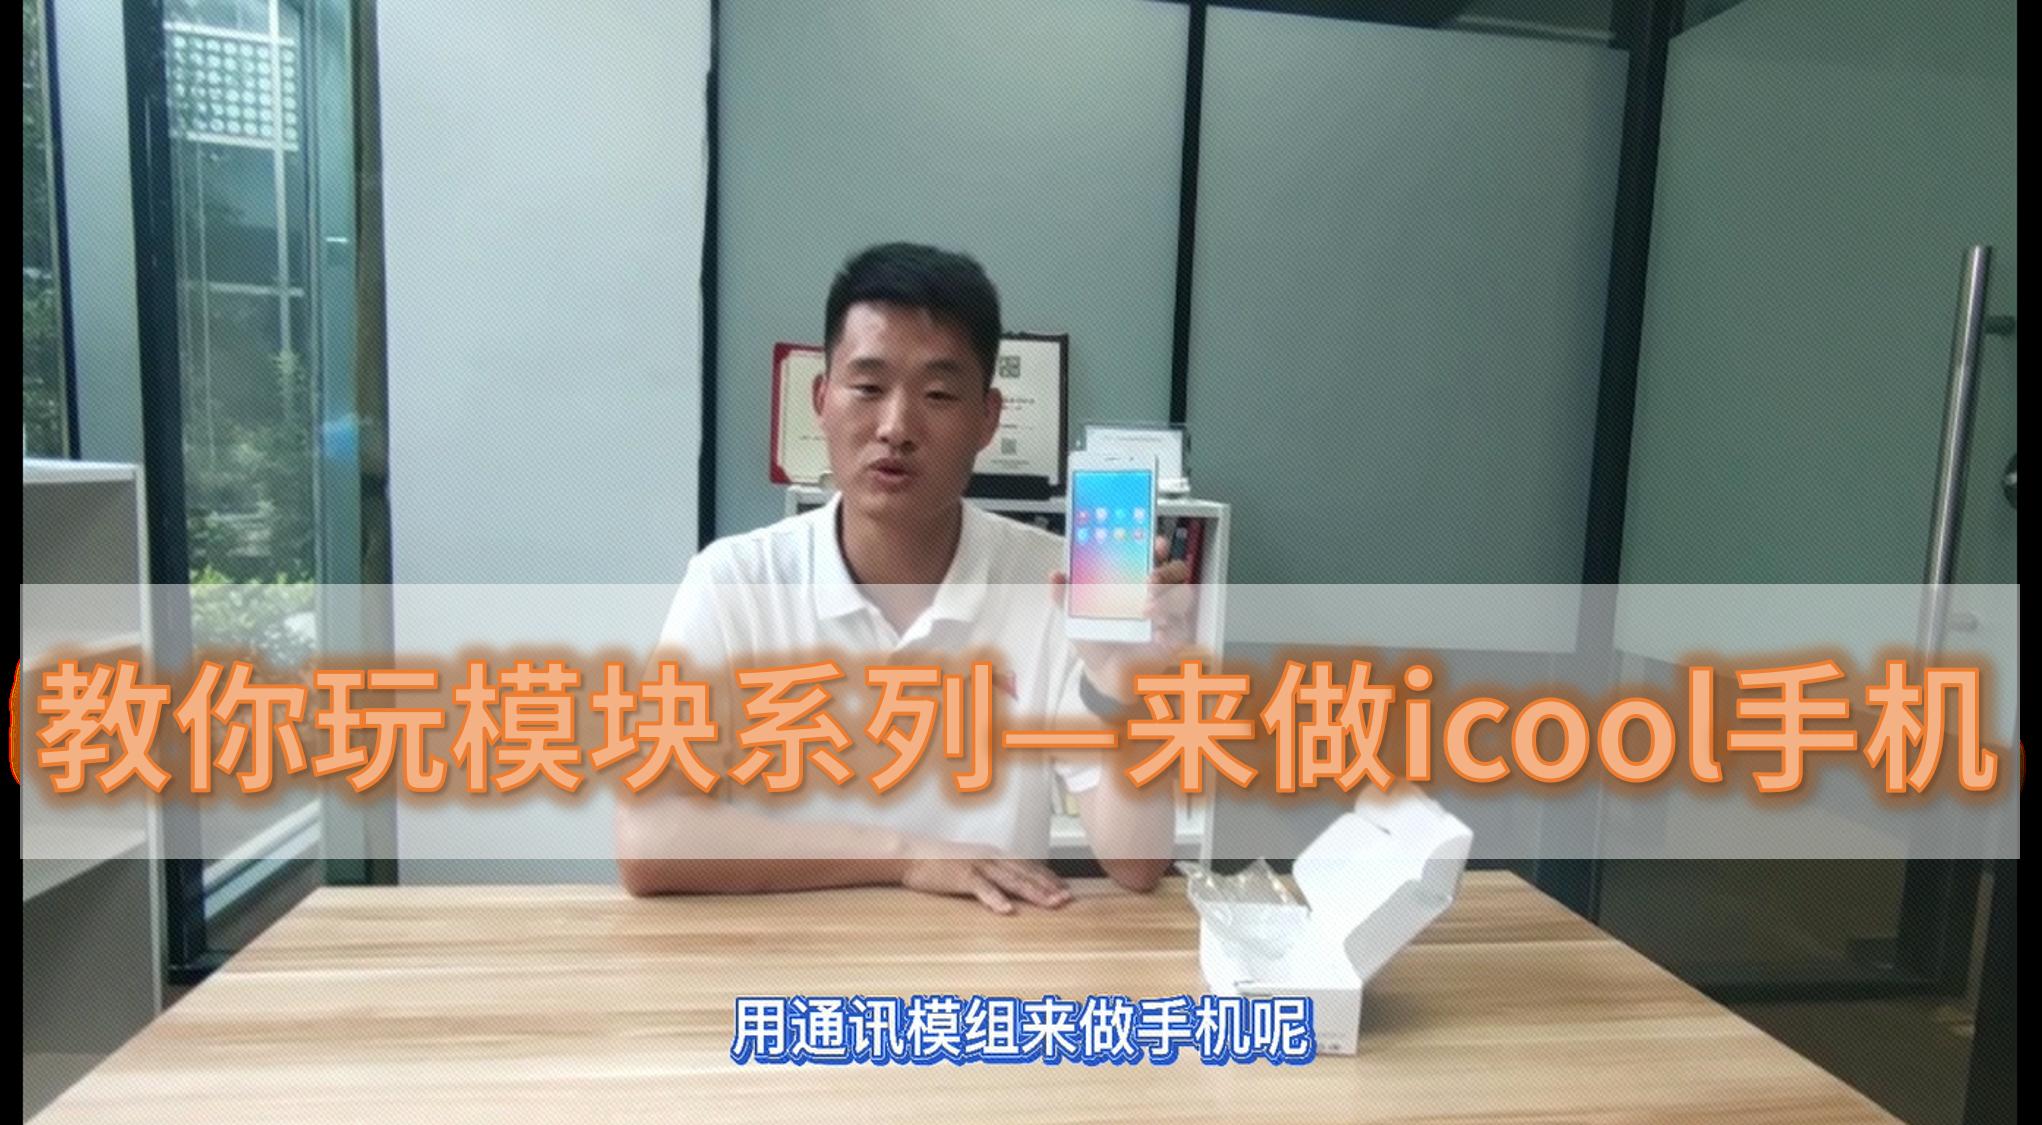 雪峰教你玩模块--让我们来做icool手机